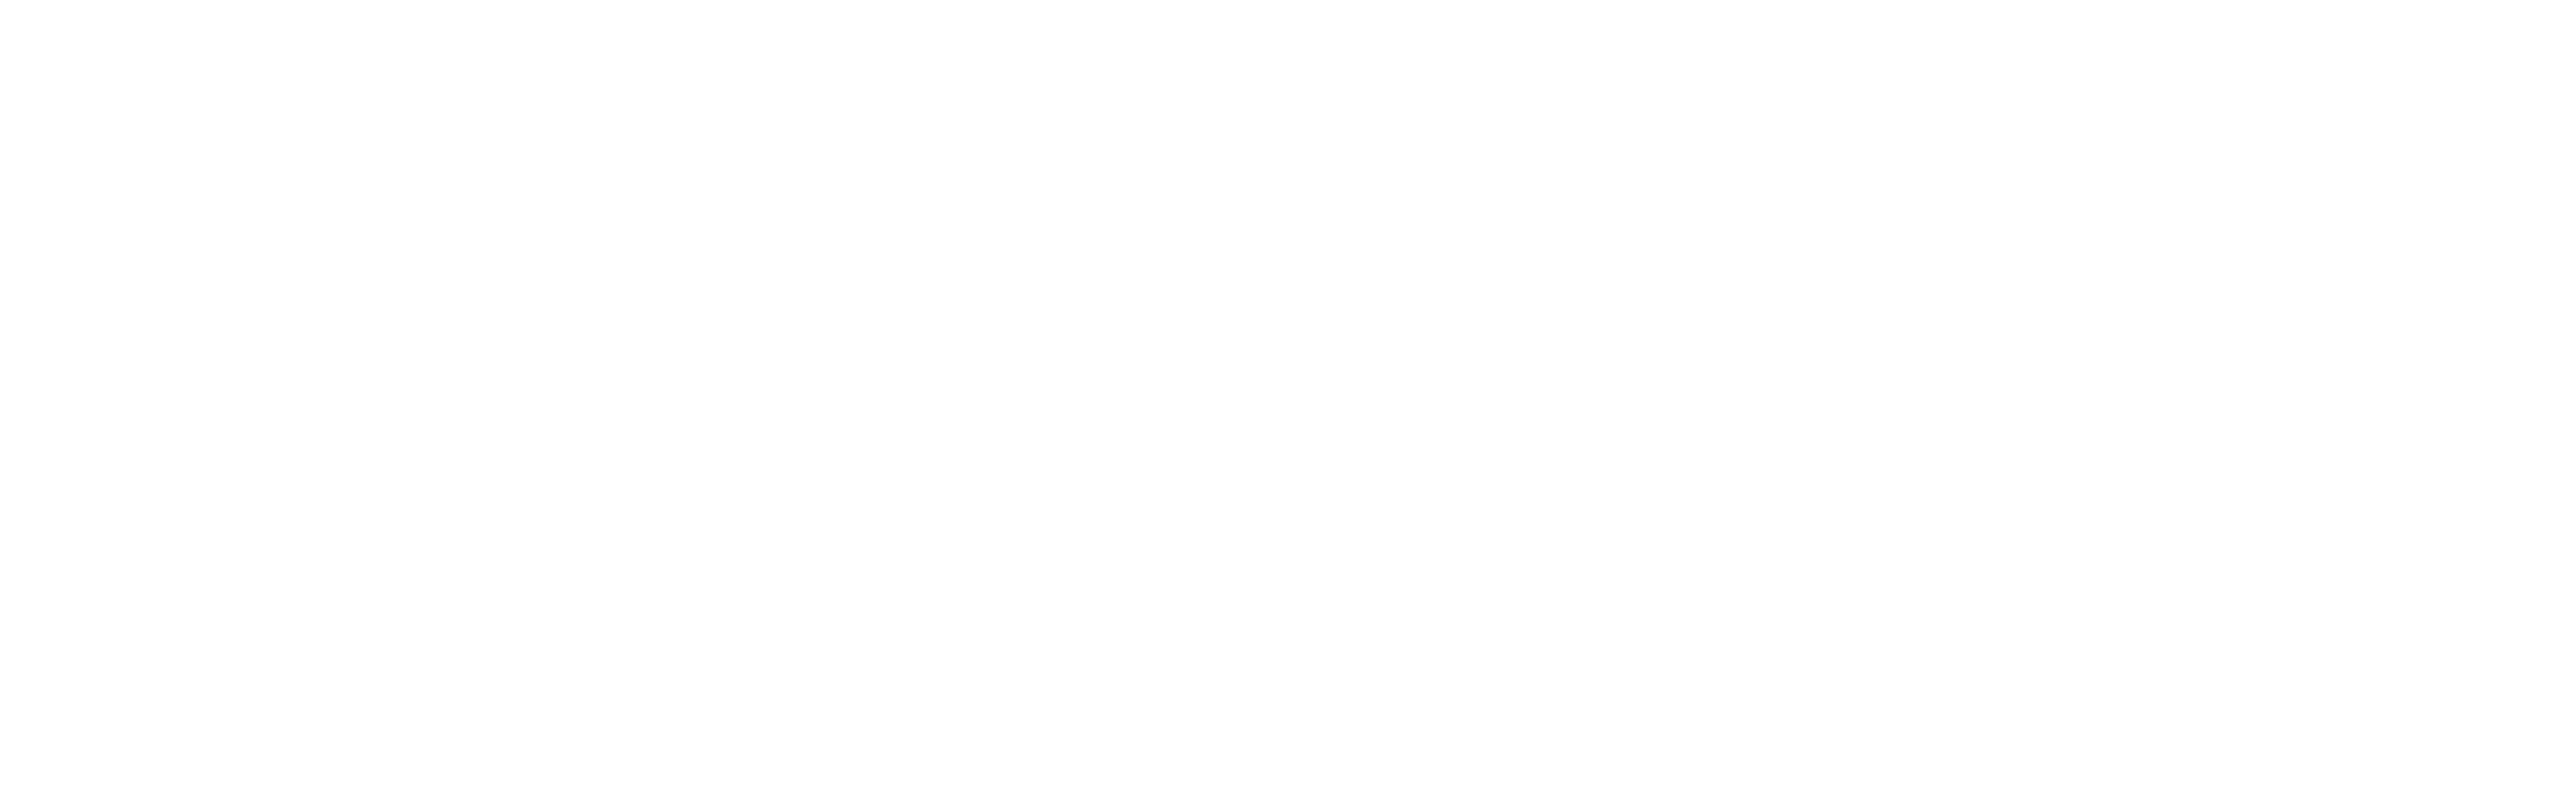 Etermax white logo